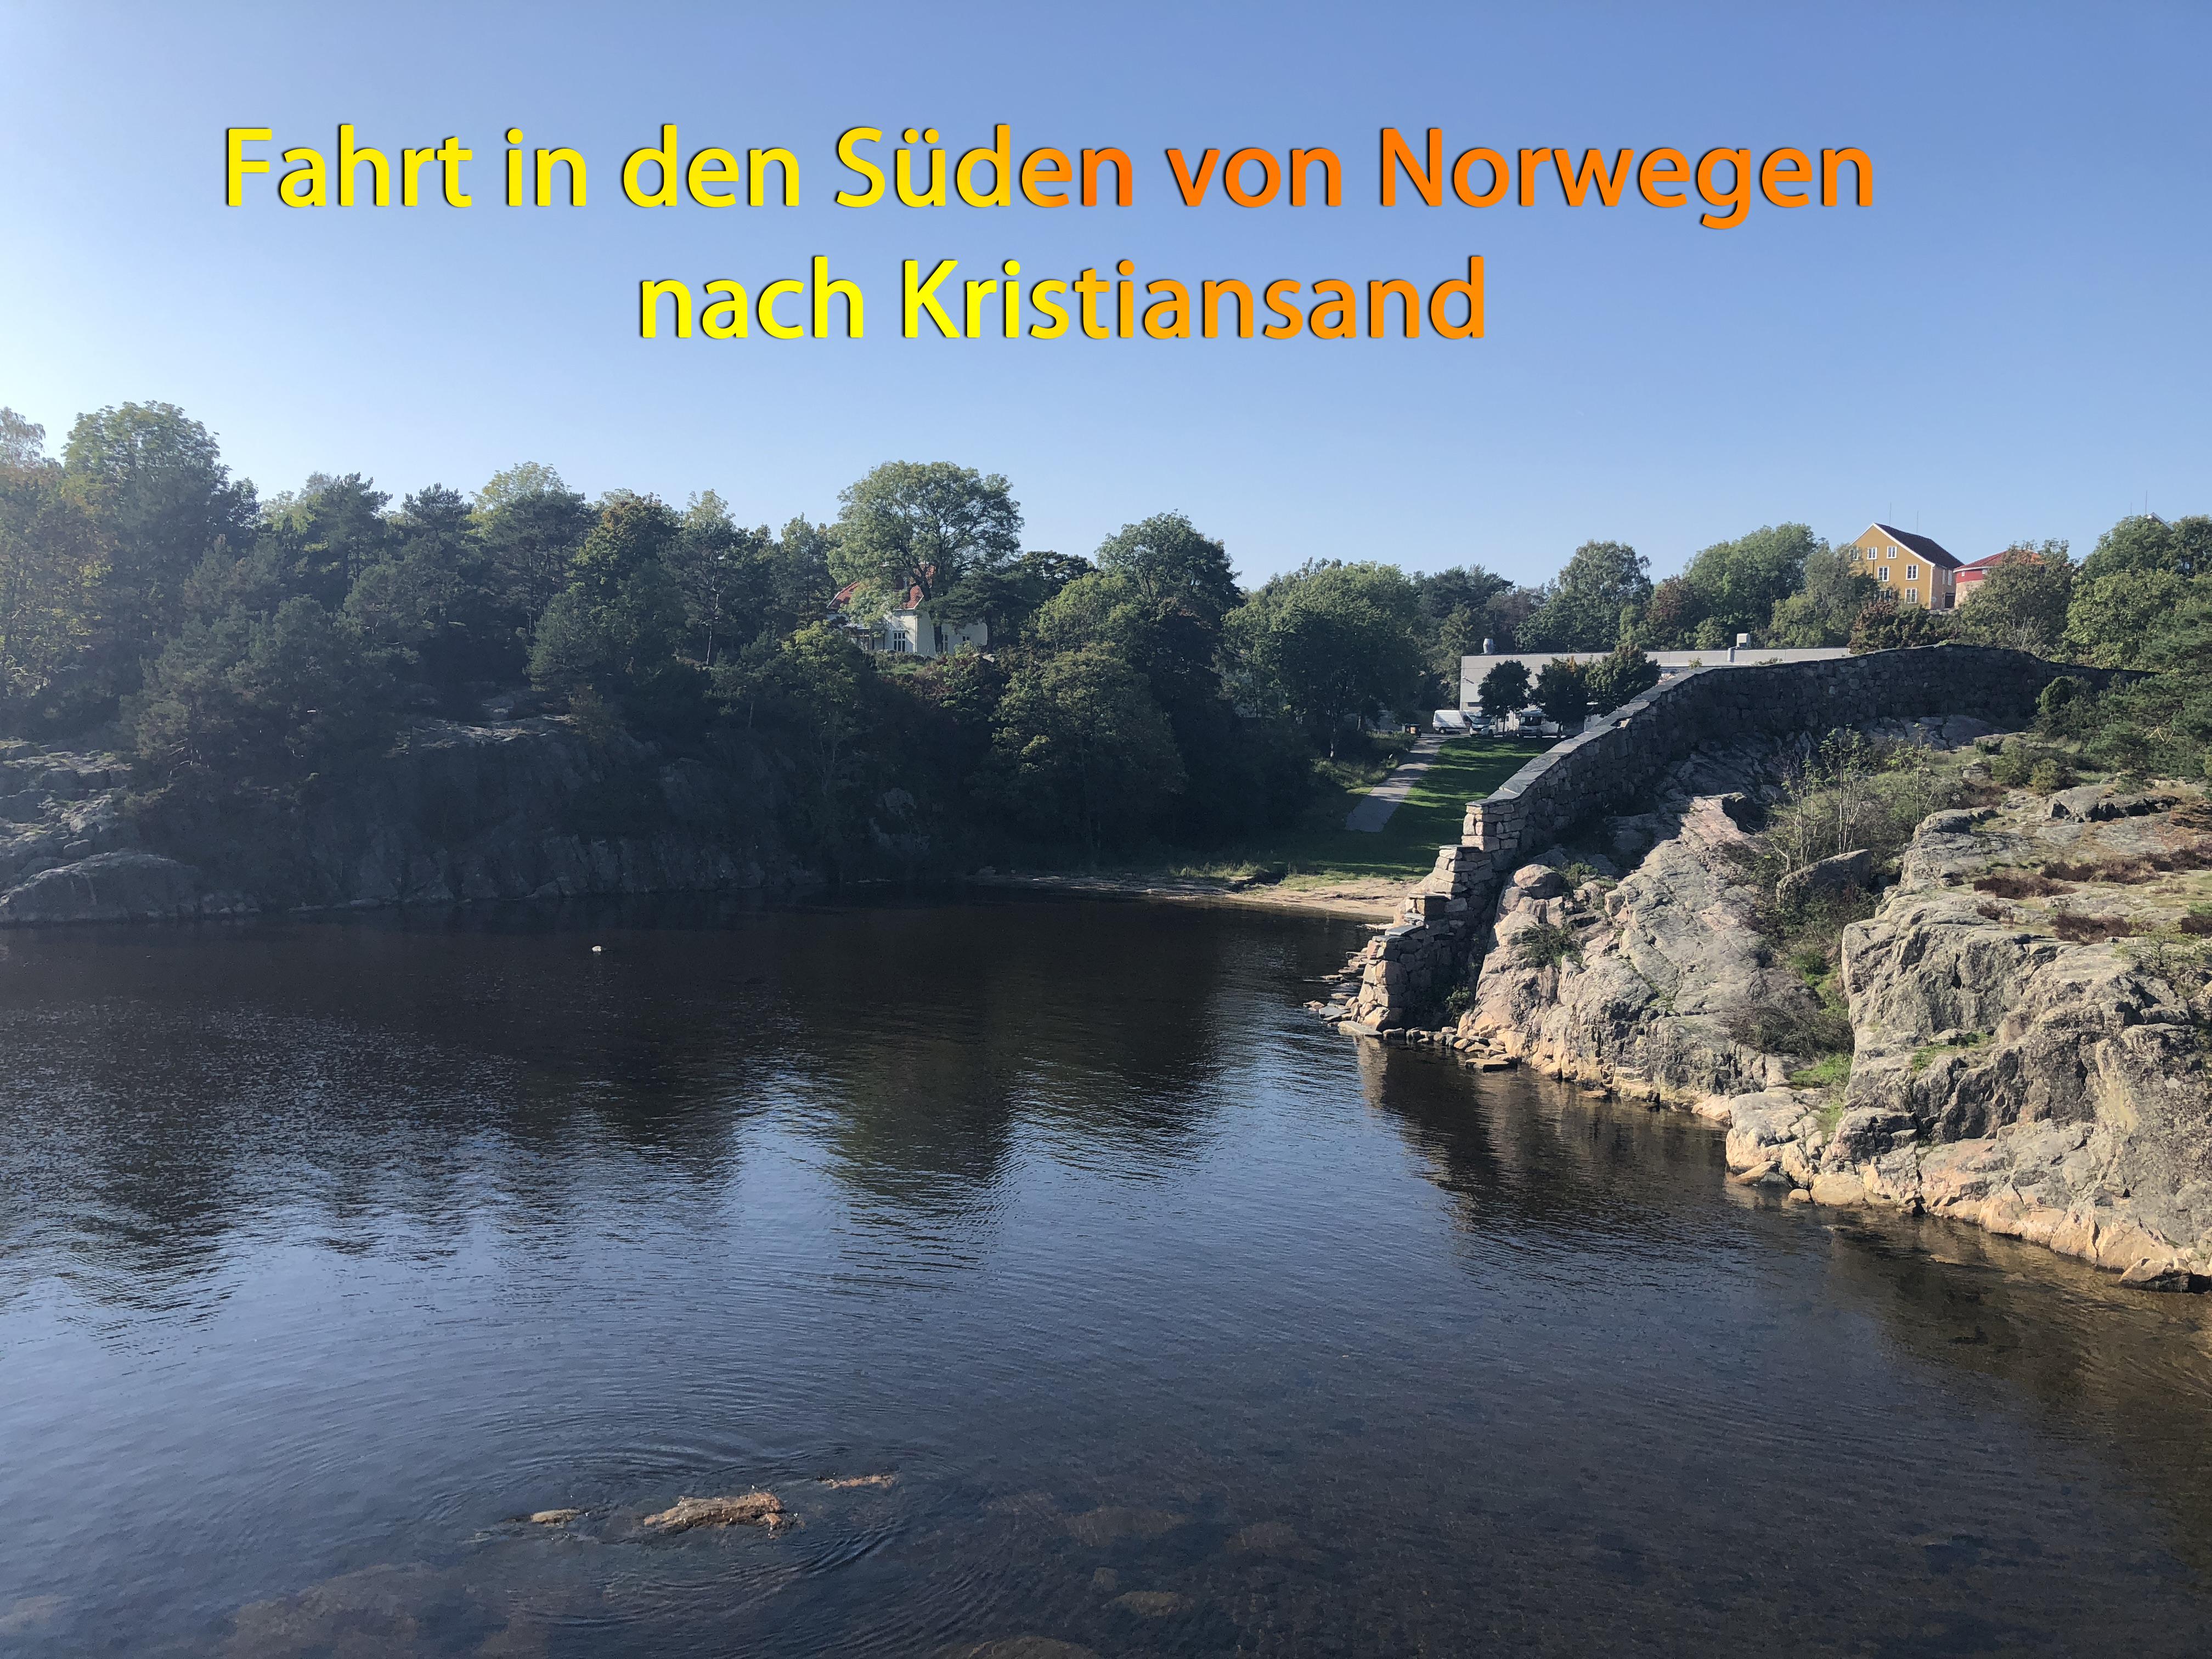 Fahrt in den Süden von Norwegen nach Kristiansand